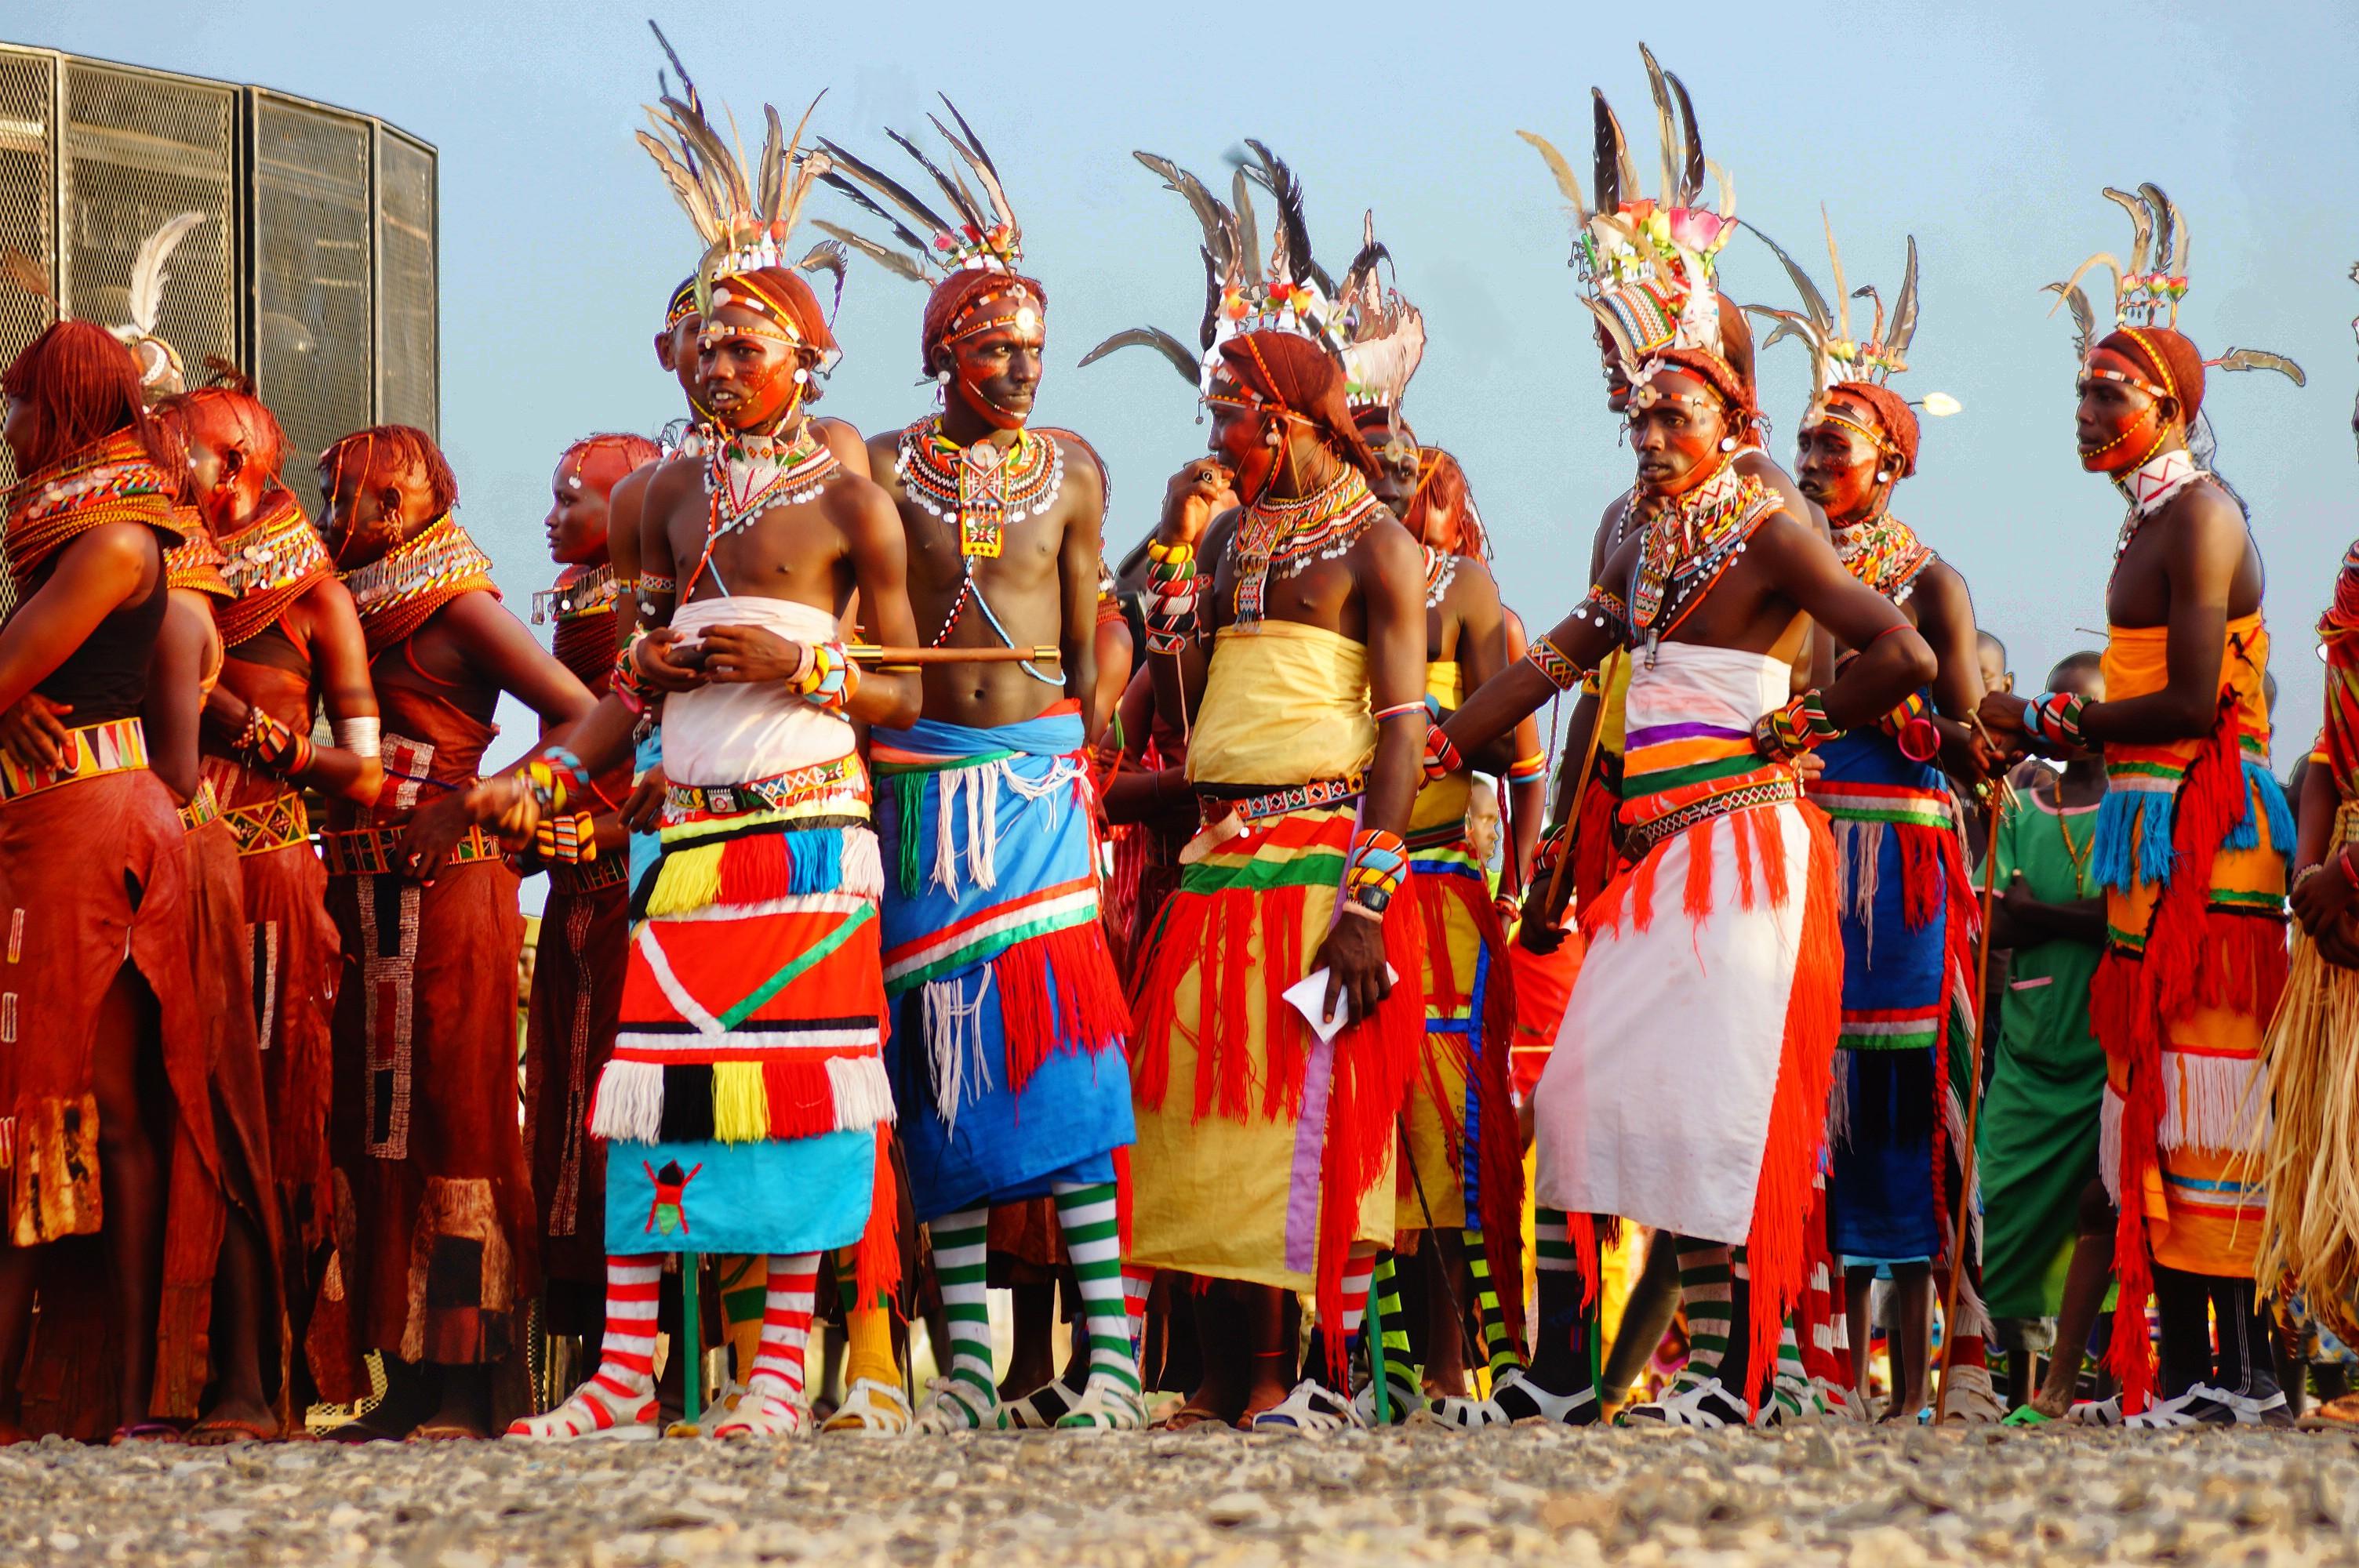 Kenya Festival